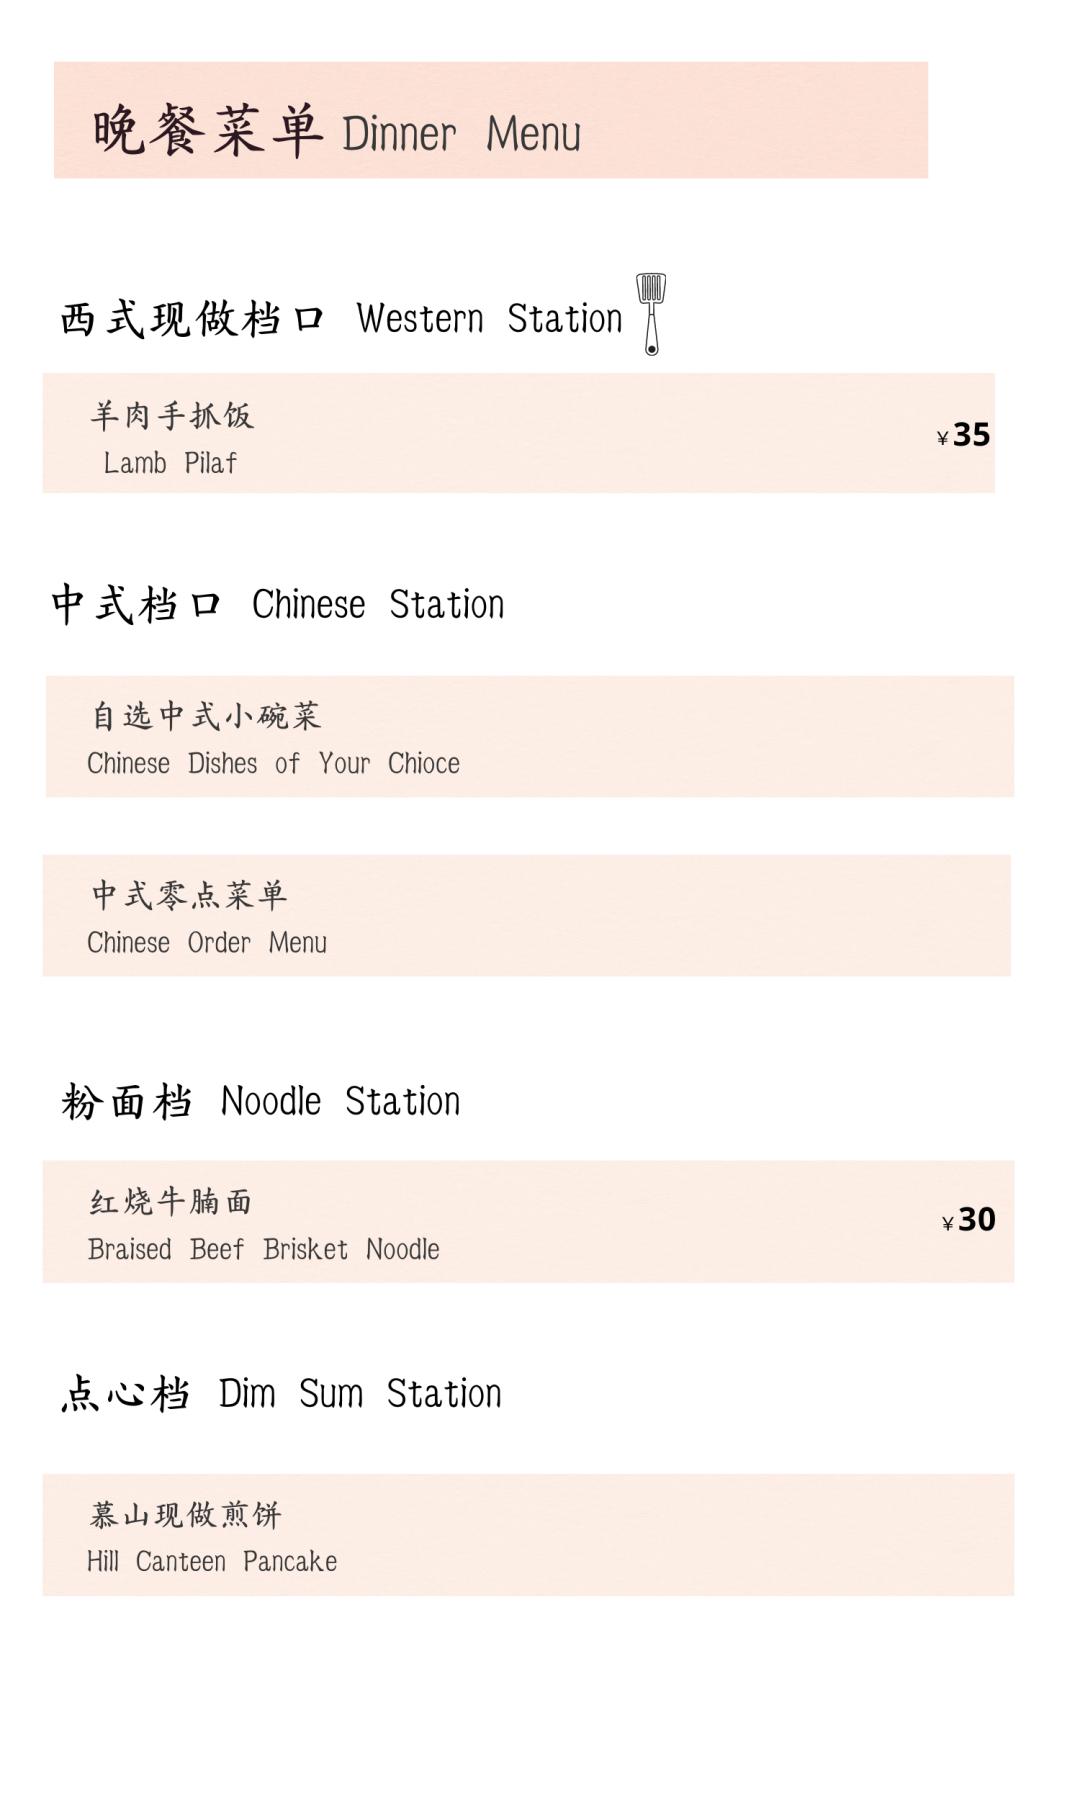 深国交的师生在冬天不出门便可以品尝到经典的节日美食啦  深国交 深圳国际交流学院 学在国交 第23张